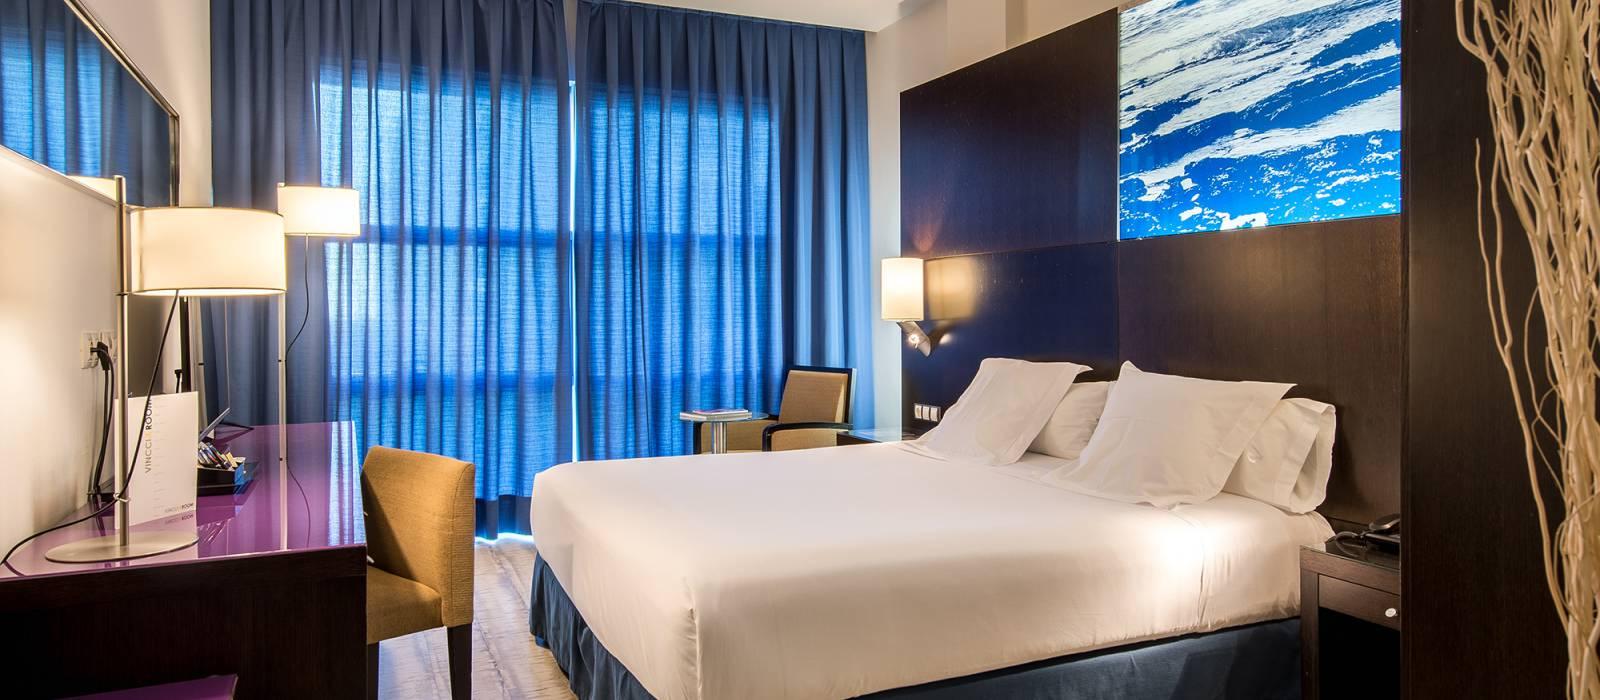 Angebote Hotel Vincci Barcelona Maritime - Jetzt buchen und 20% sparen!